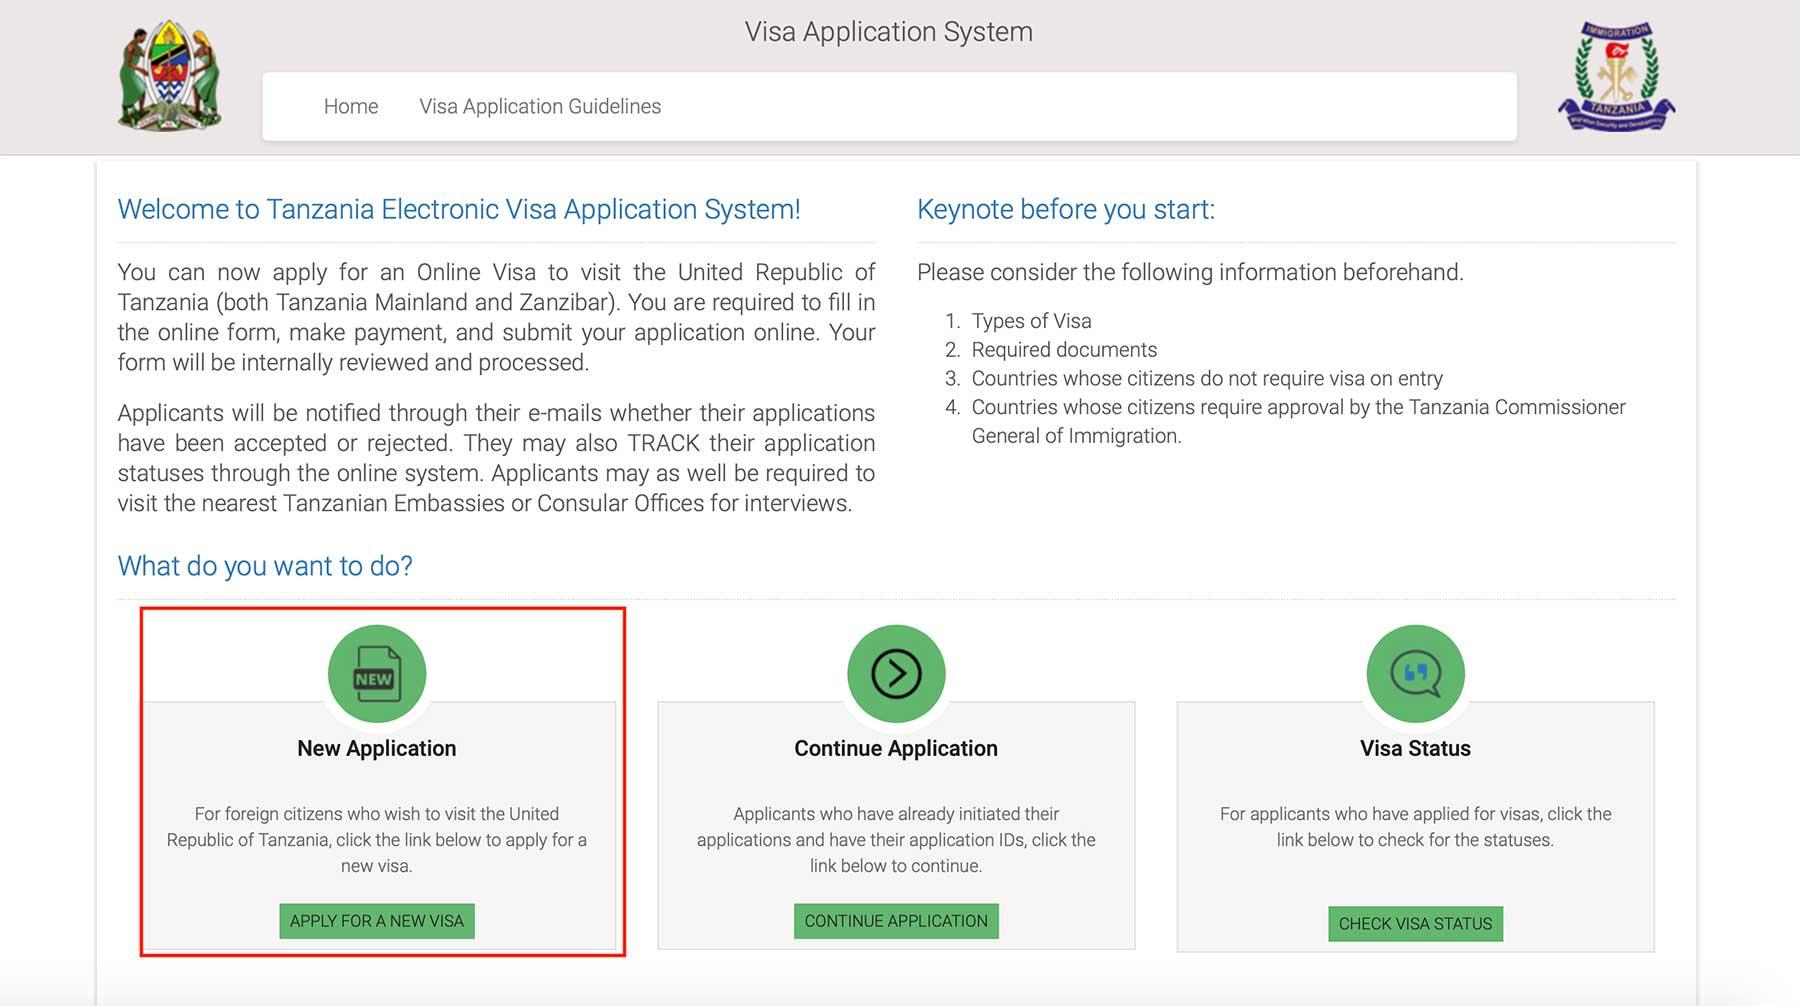 坦桑尼亚电子签证创建一个新申请